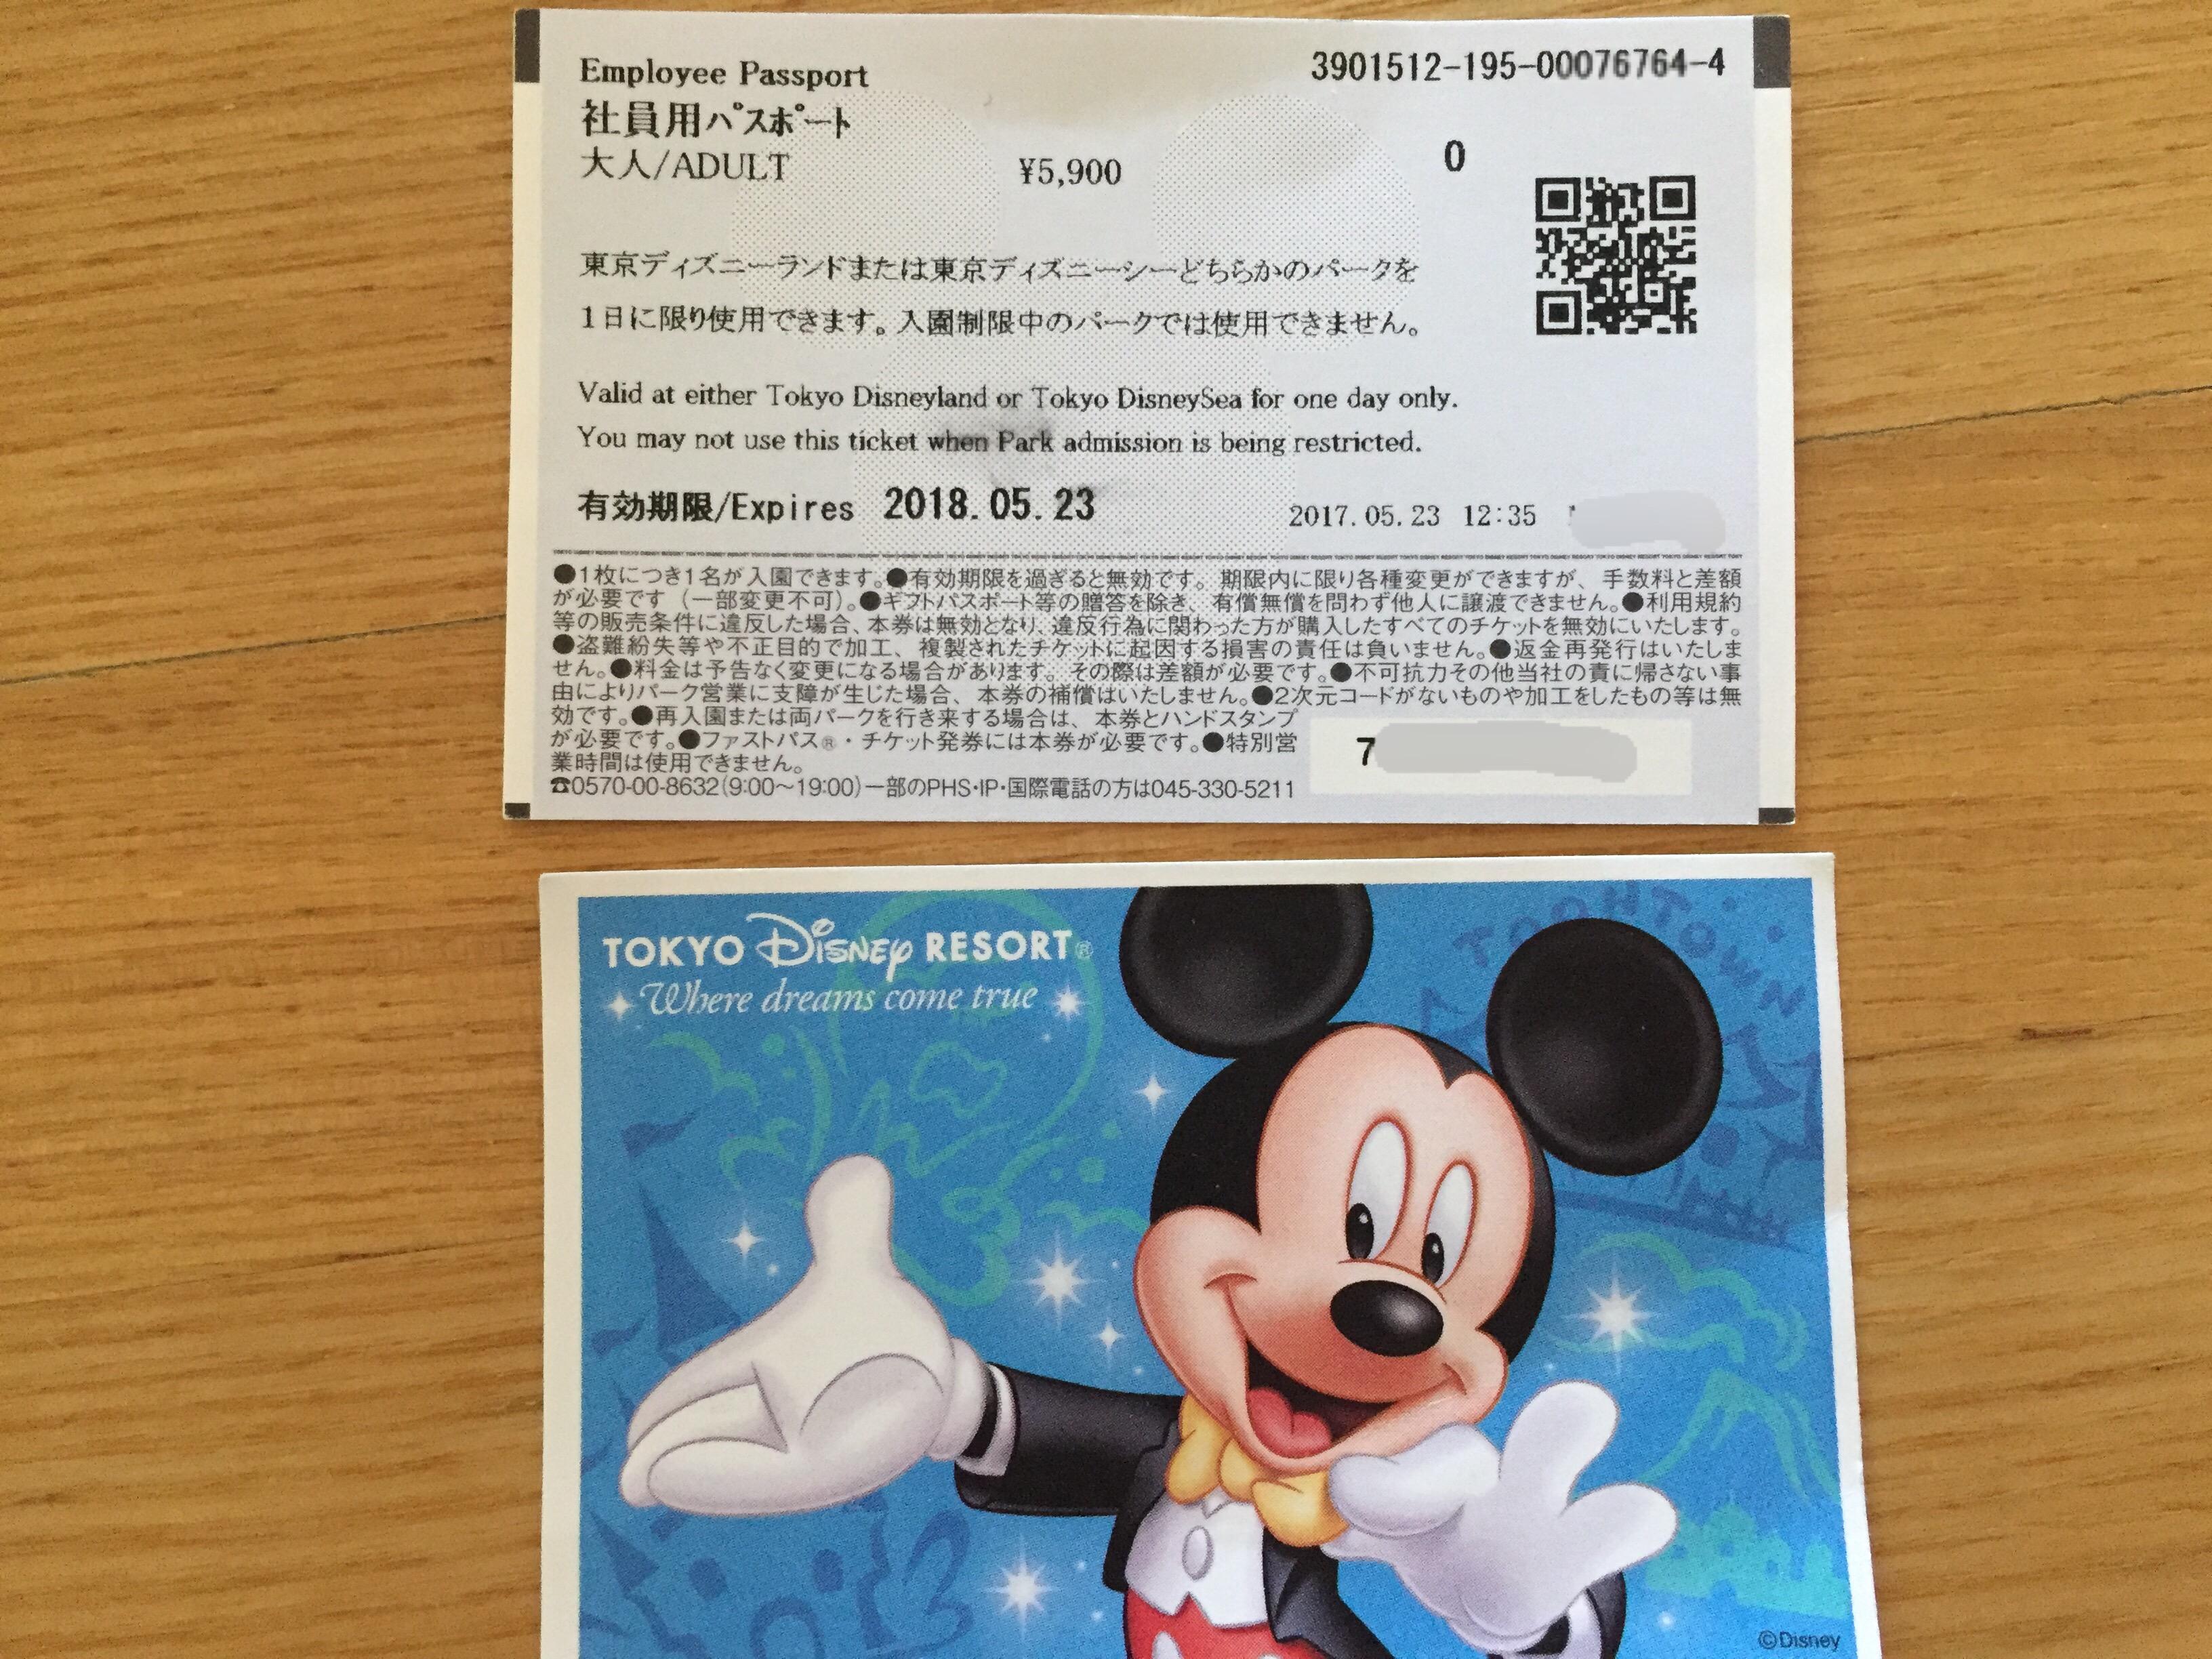 ディズニーチケットを社員割引で安く購入!初めての子連れディズニー旅行